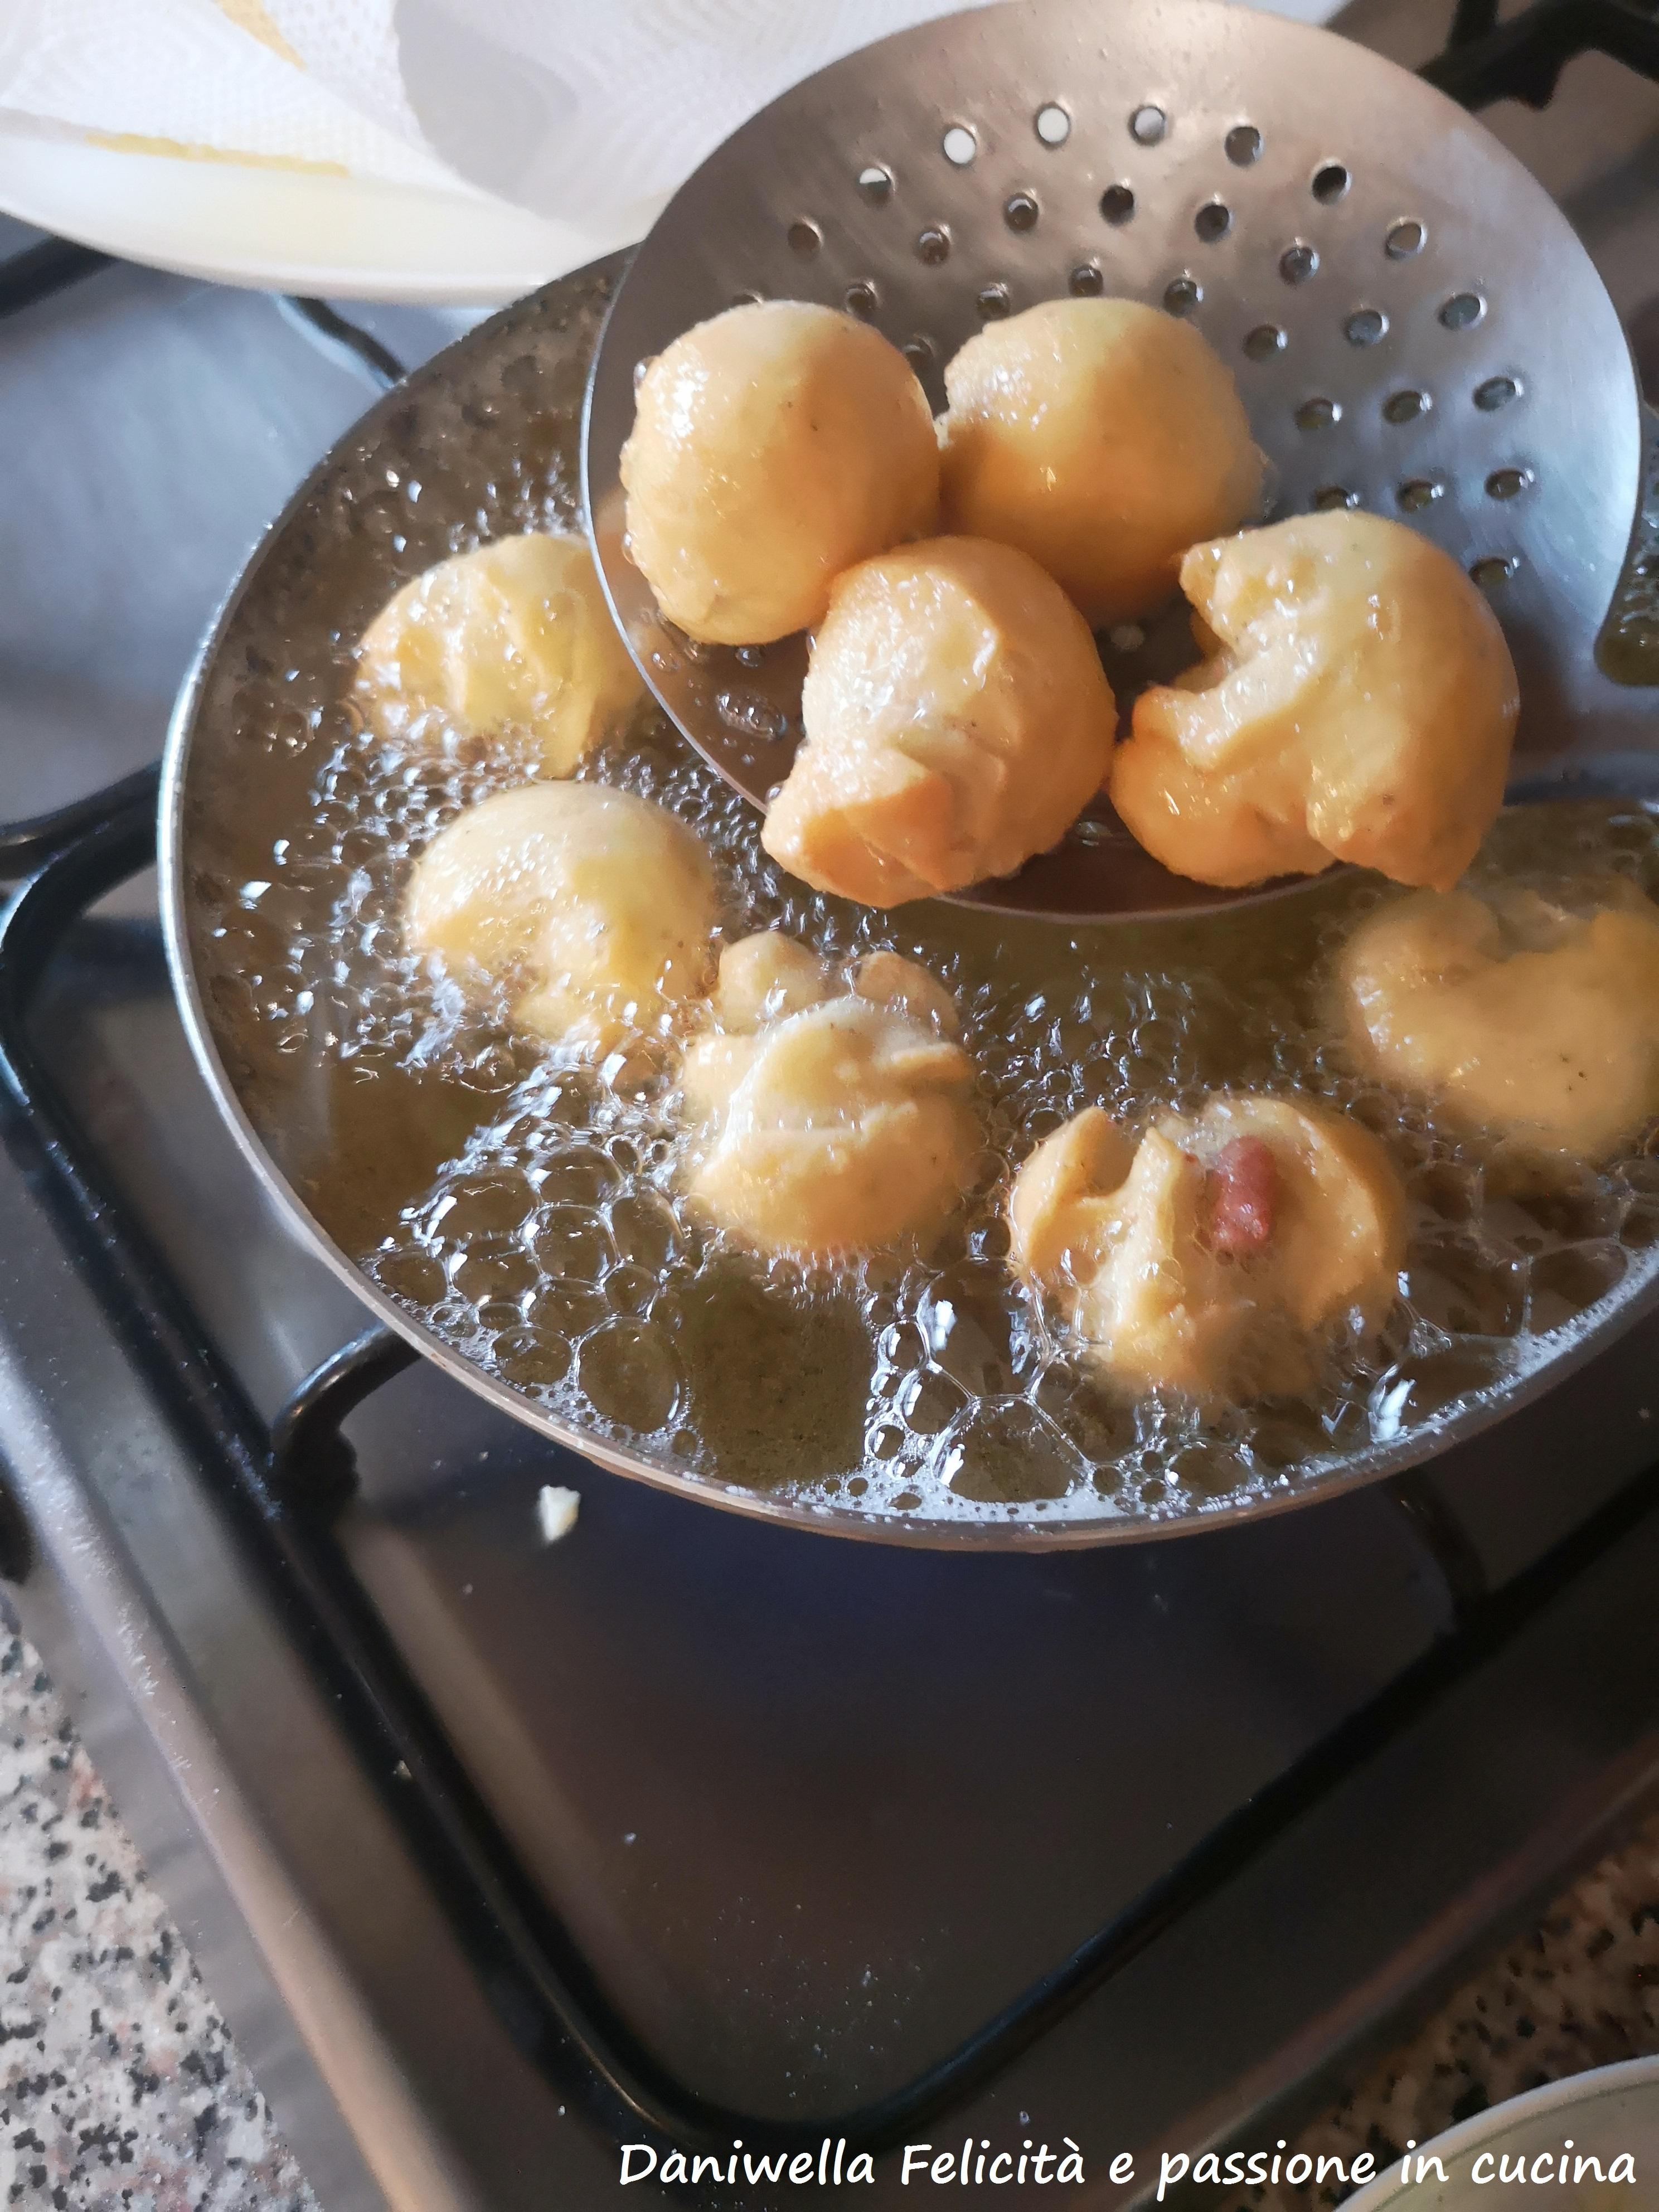 Friggete le castagnole salate in olio caldo fino a doratura. Fate scolare su carta assorbente e servite.